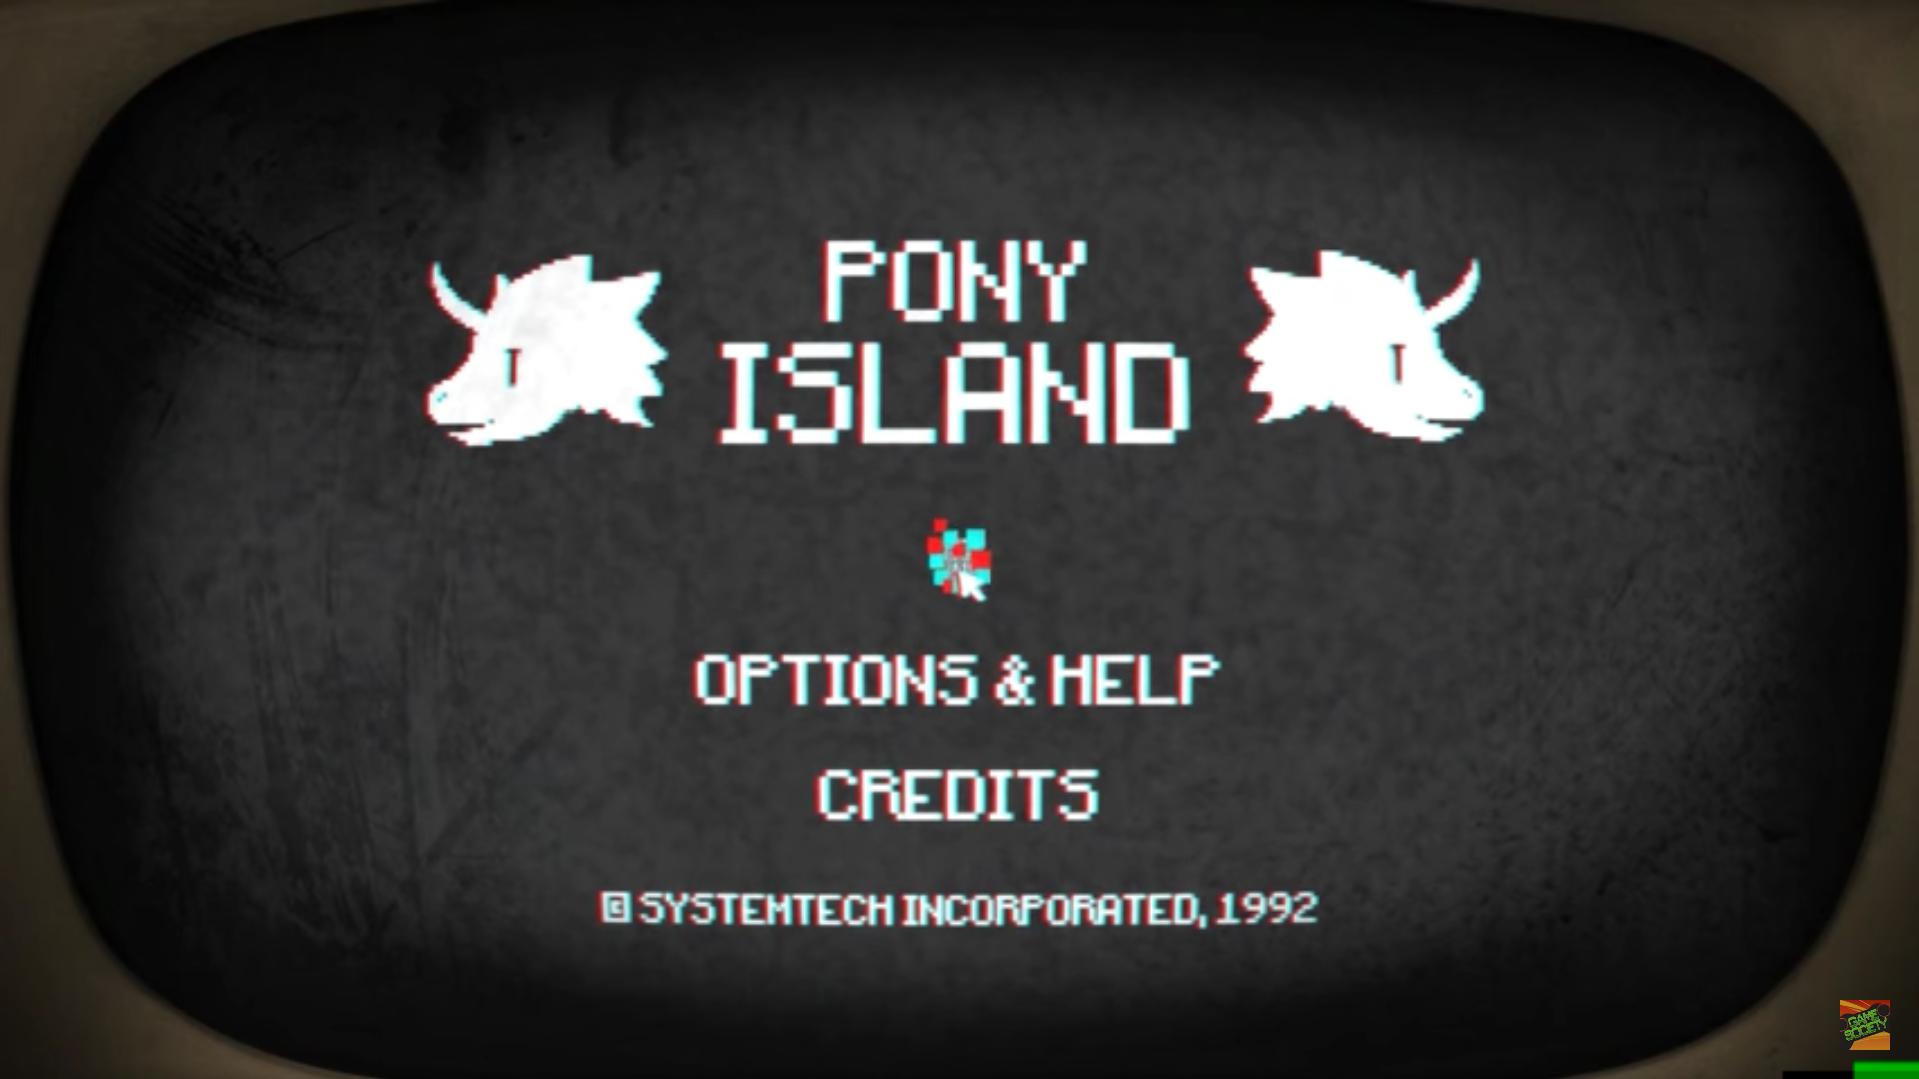 Luciferu0027s Pony Island